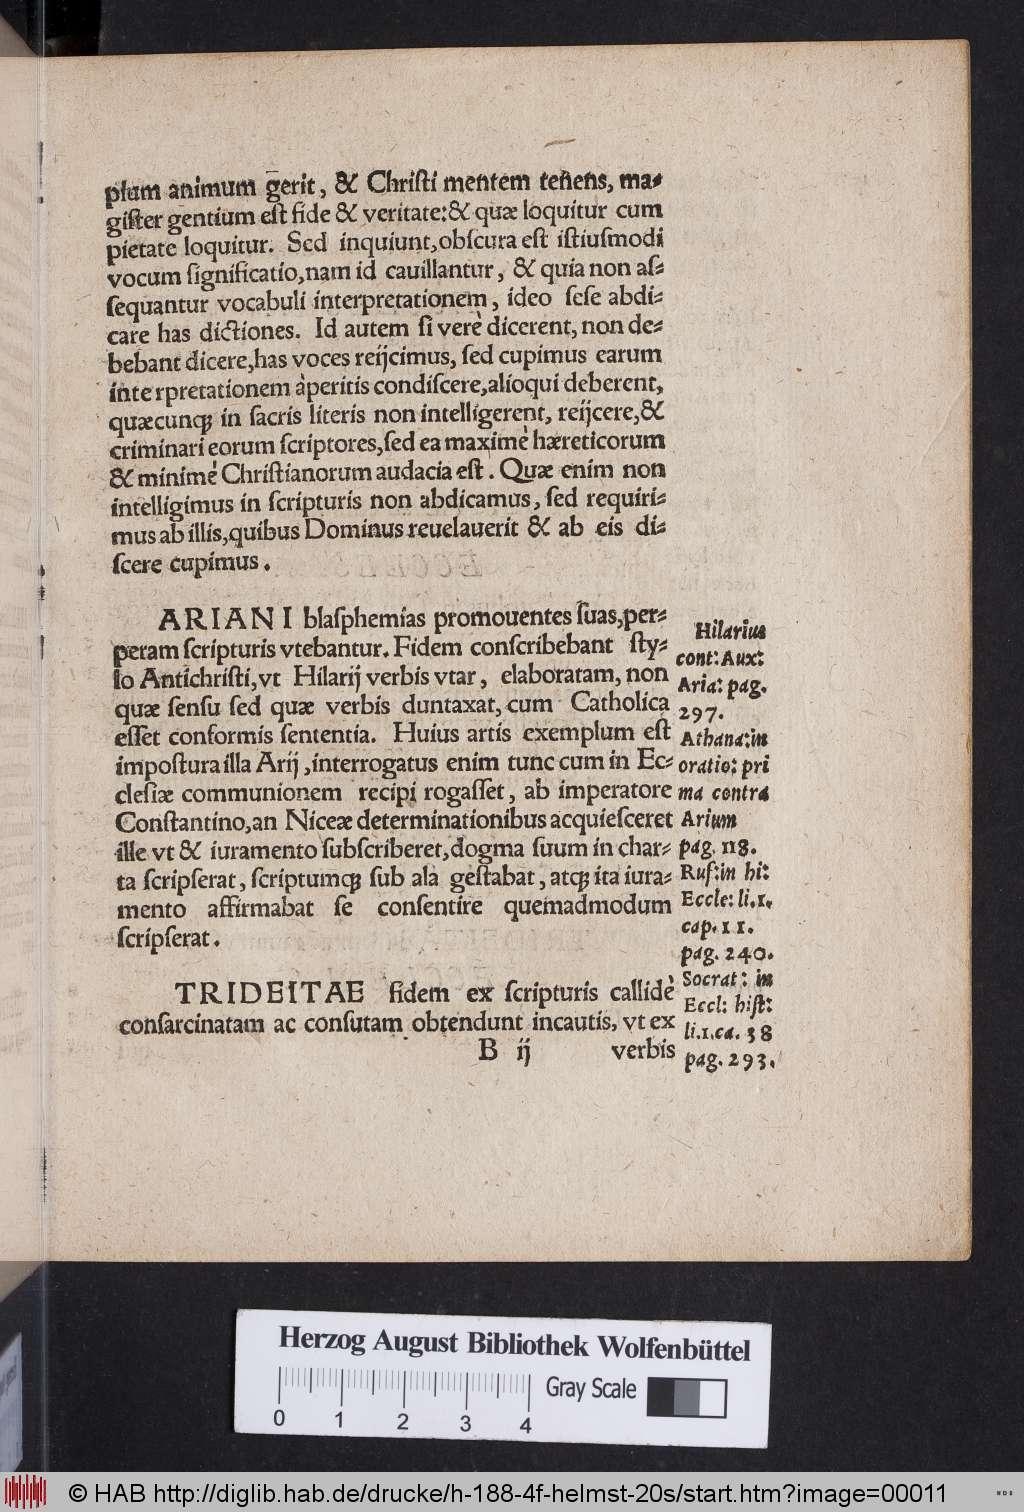 http://diglib.hab.de/drucke/h-188-4f-helmst-20s/00011.jpg